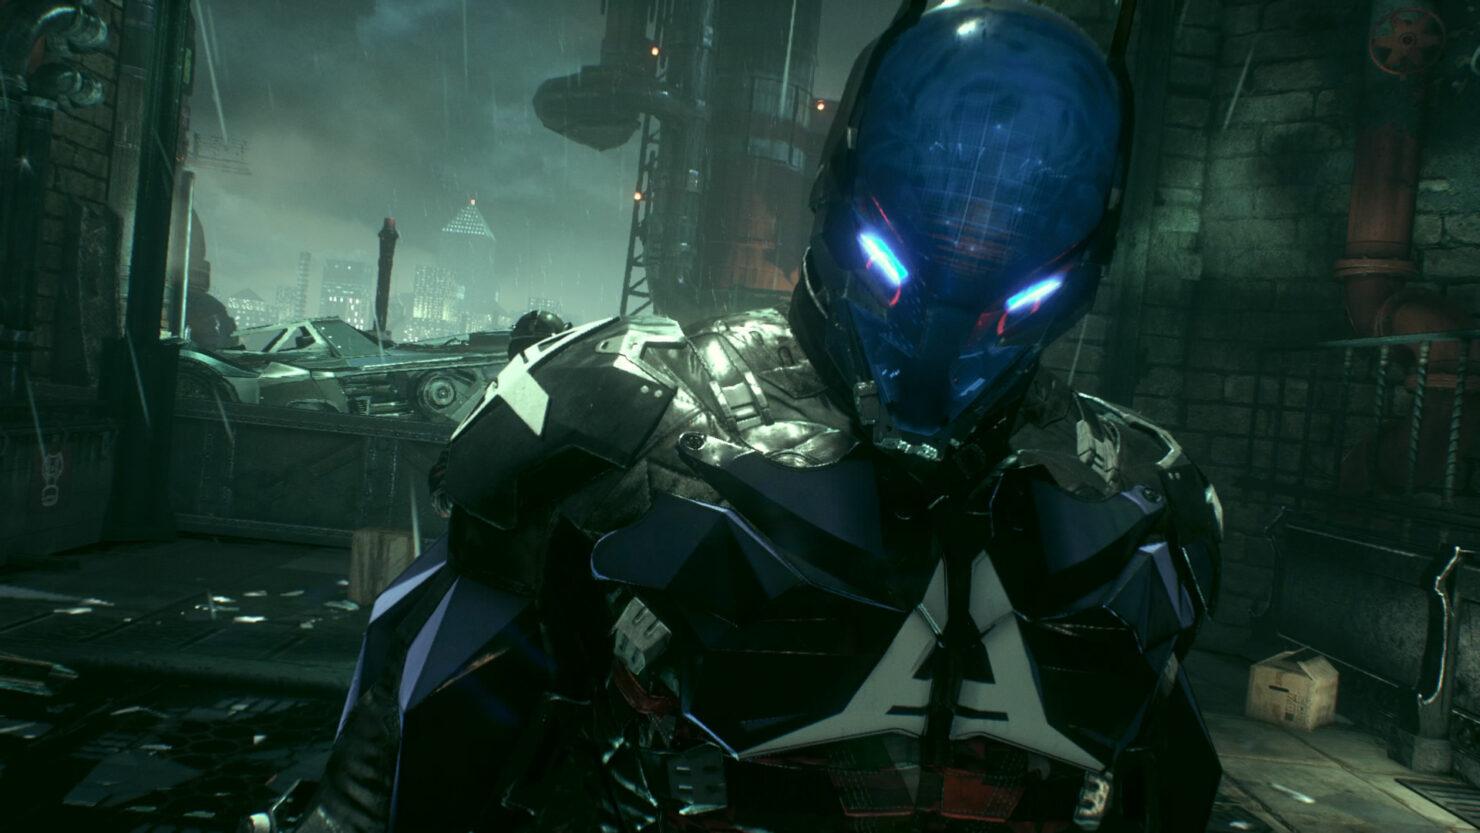 Batman: Arkham Rocksteady PS4 Pro nExt project